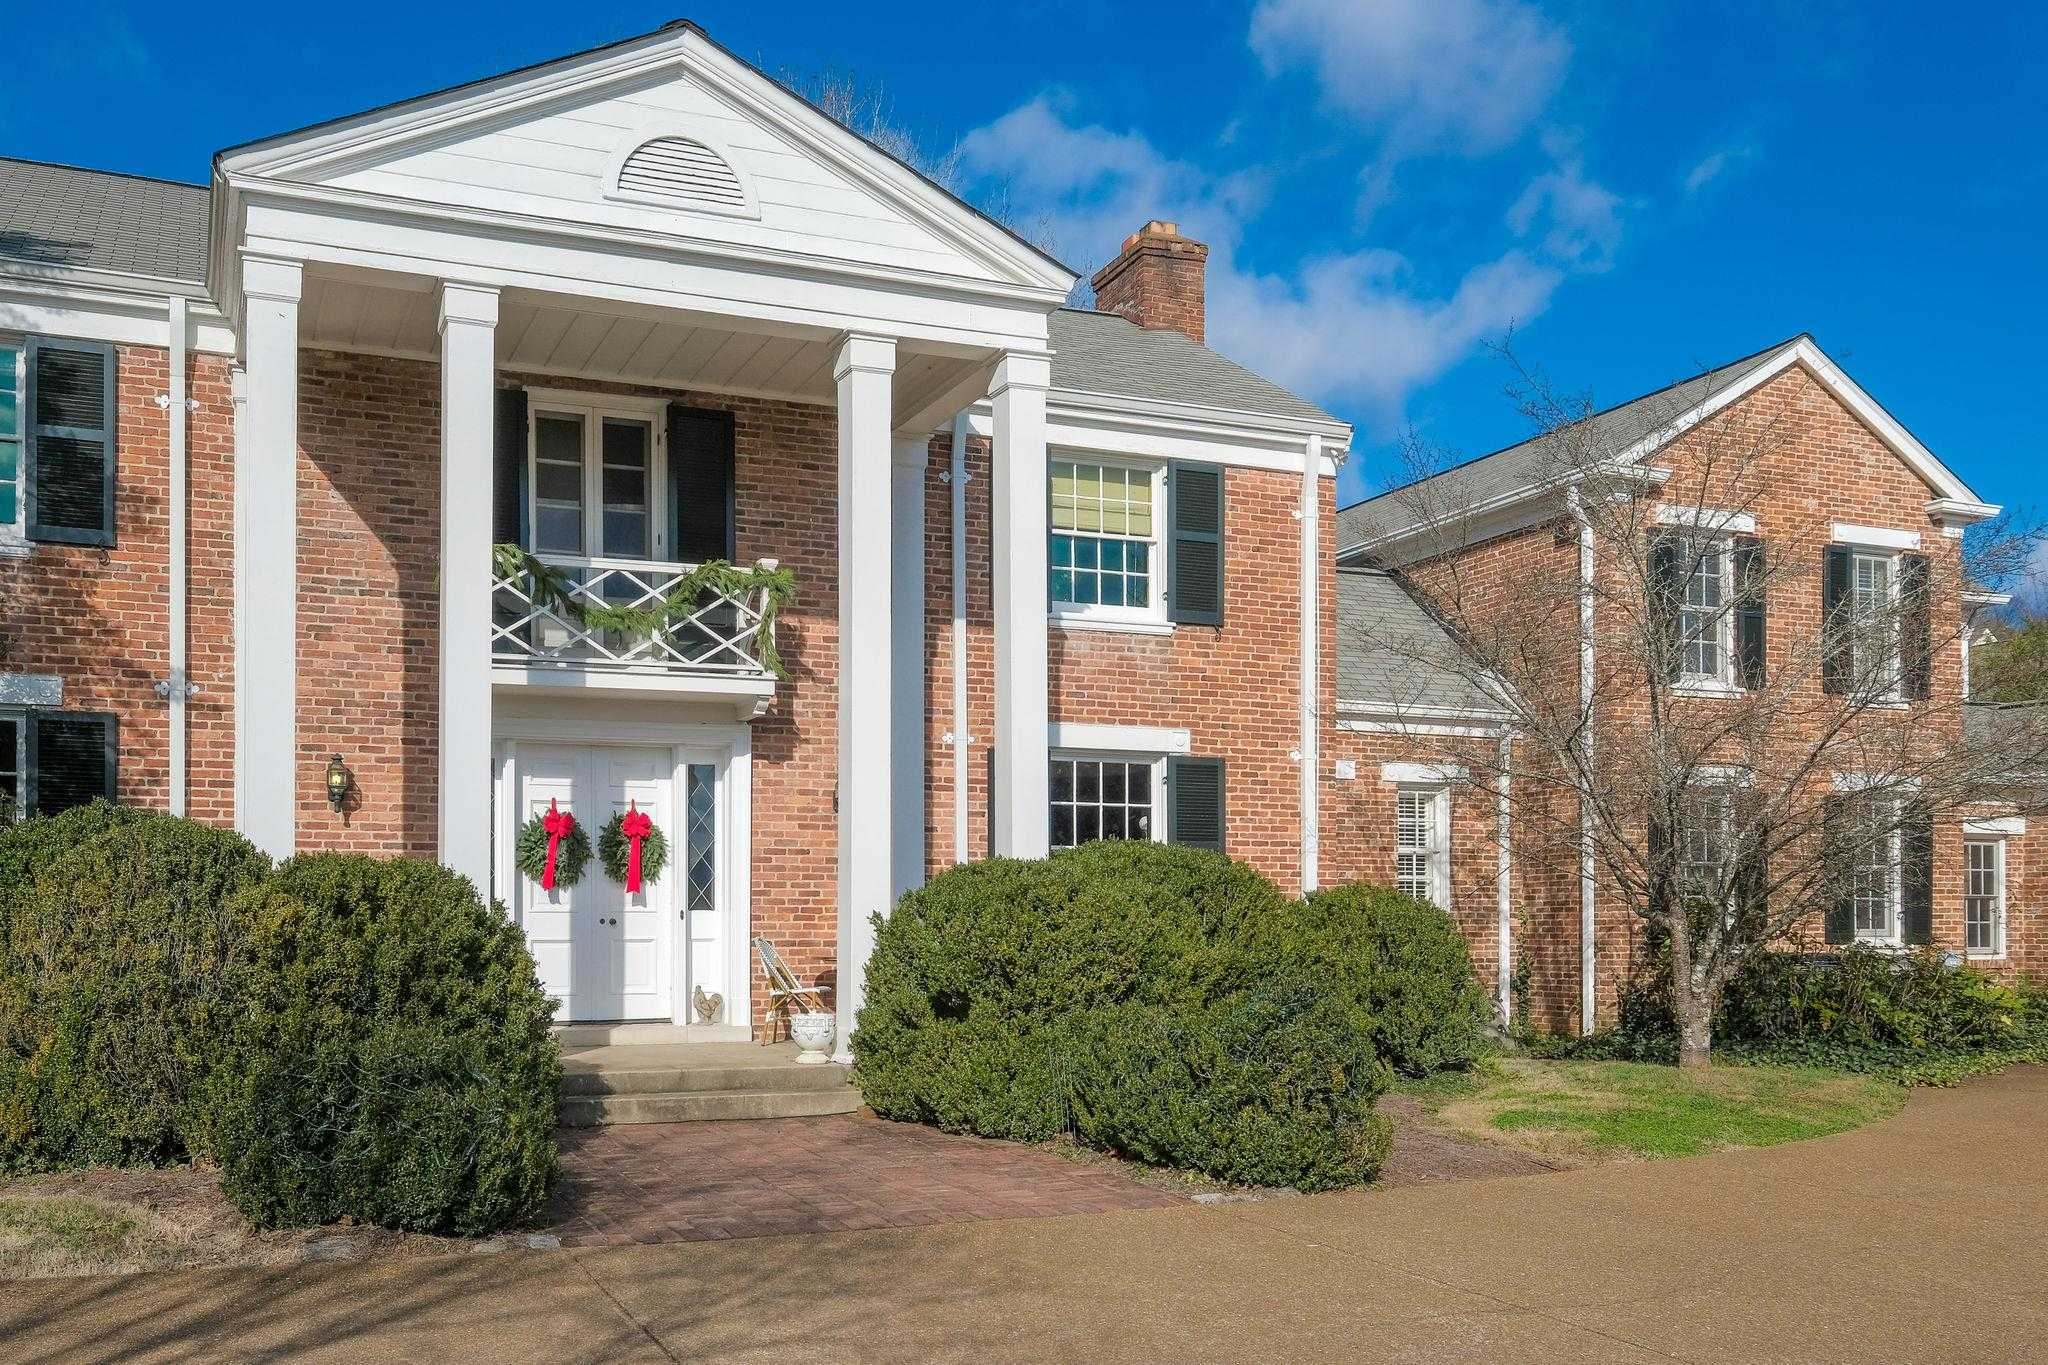 $2,800,000 - 6Br/5Ba -  for Sale in Forest Hills, Nashville